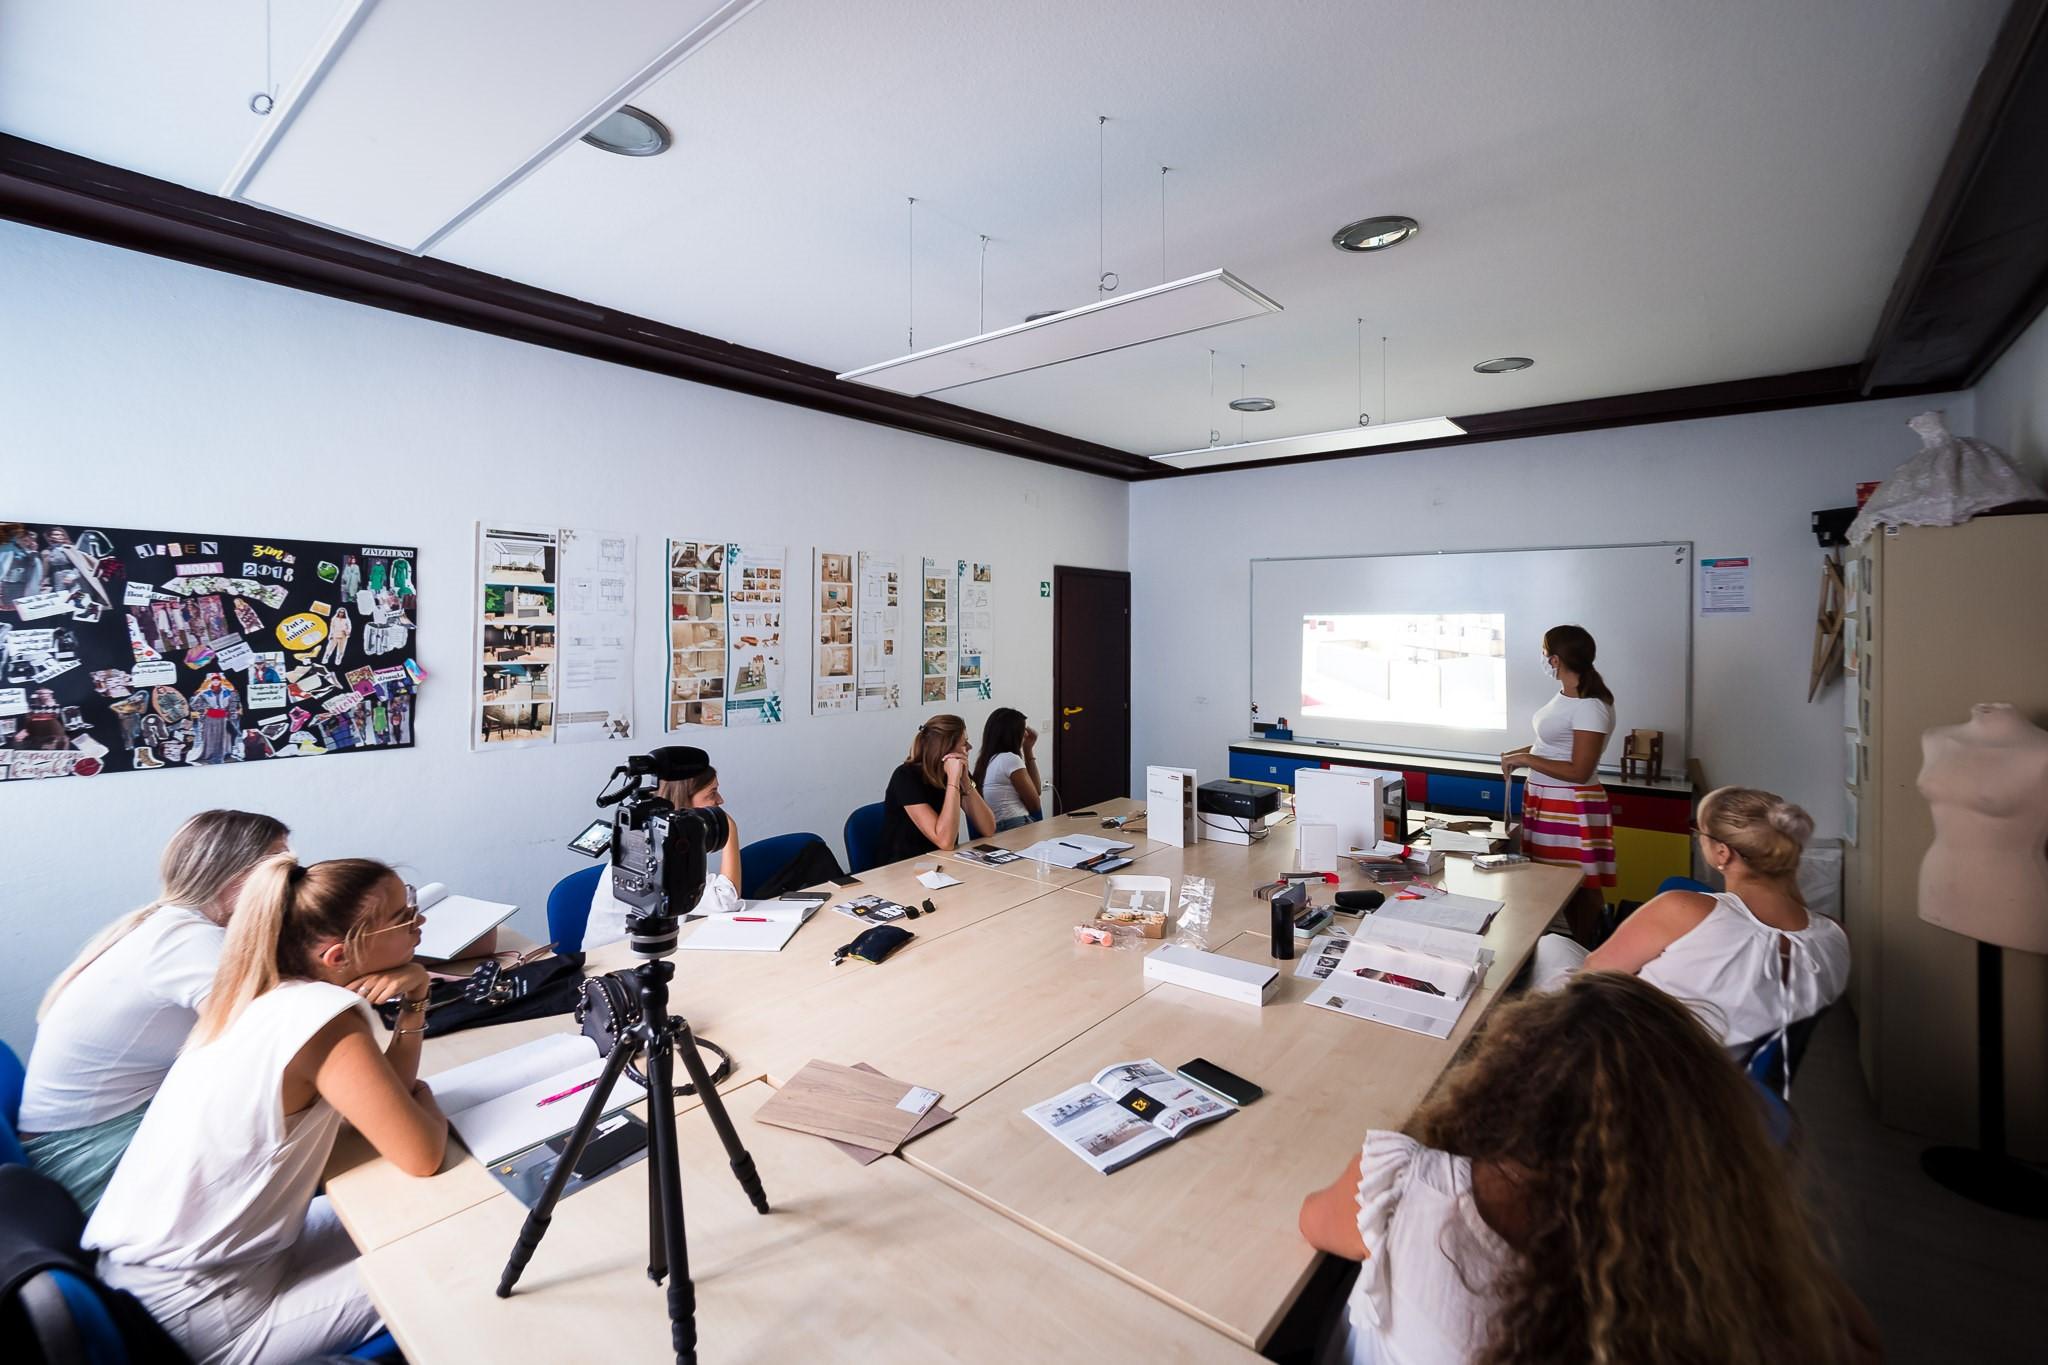 DIZAJN INTERIJERA u središtu suradnje tvrtke MAX & MORIS i škole CALLEGARI